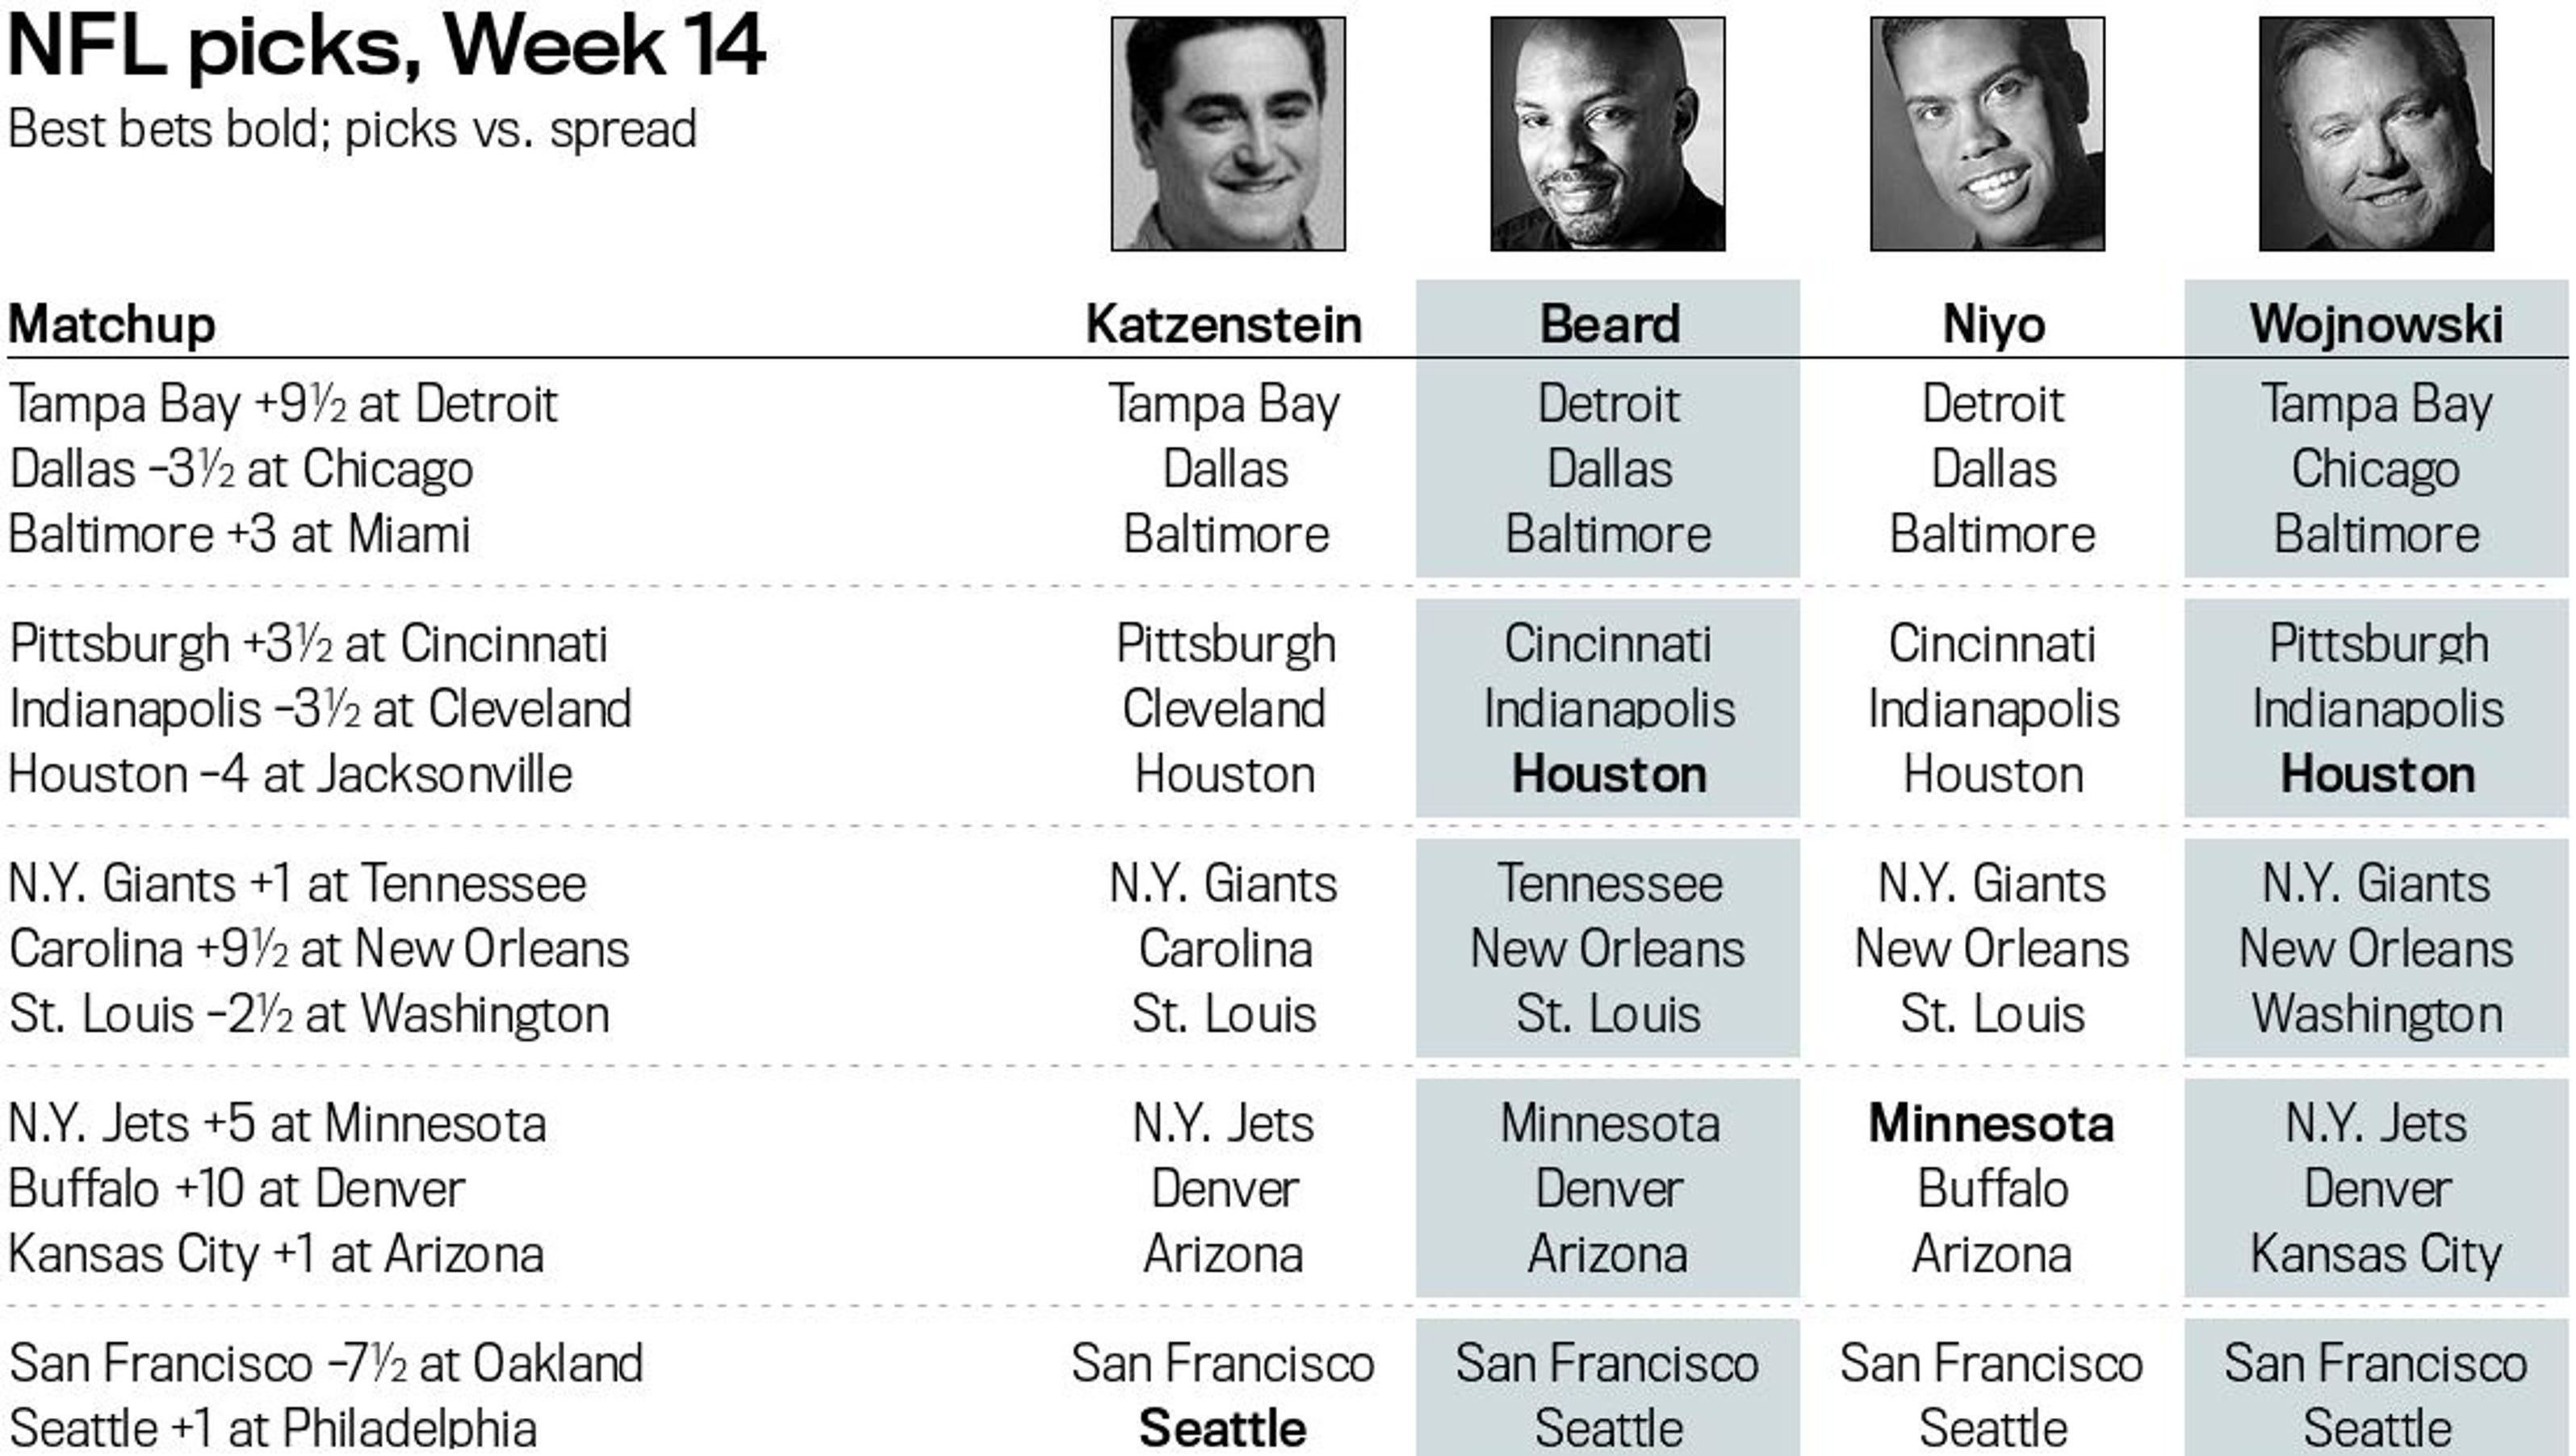 Week 14 NFL picks, predictions